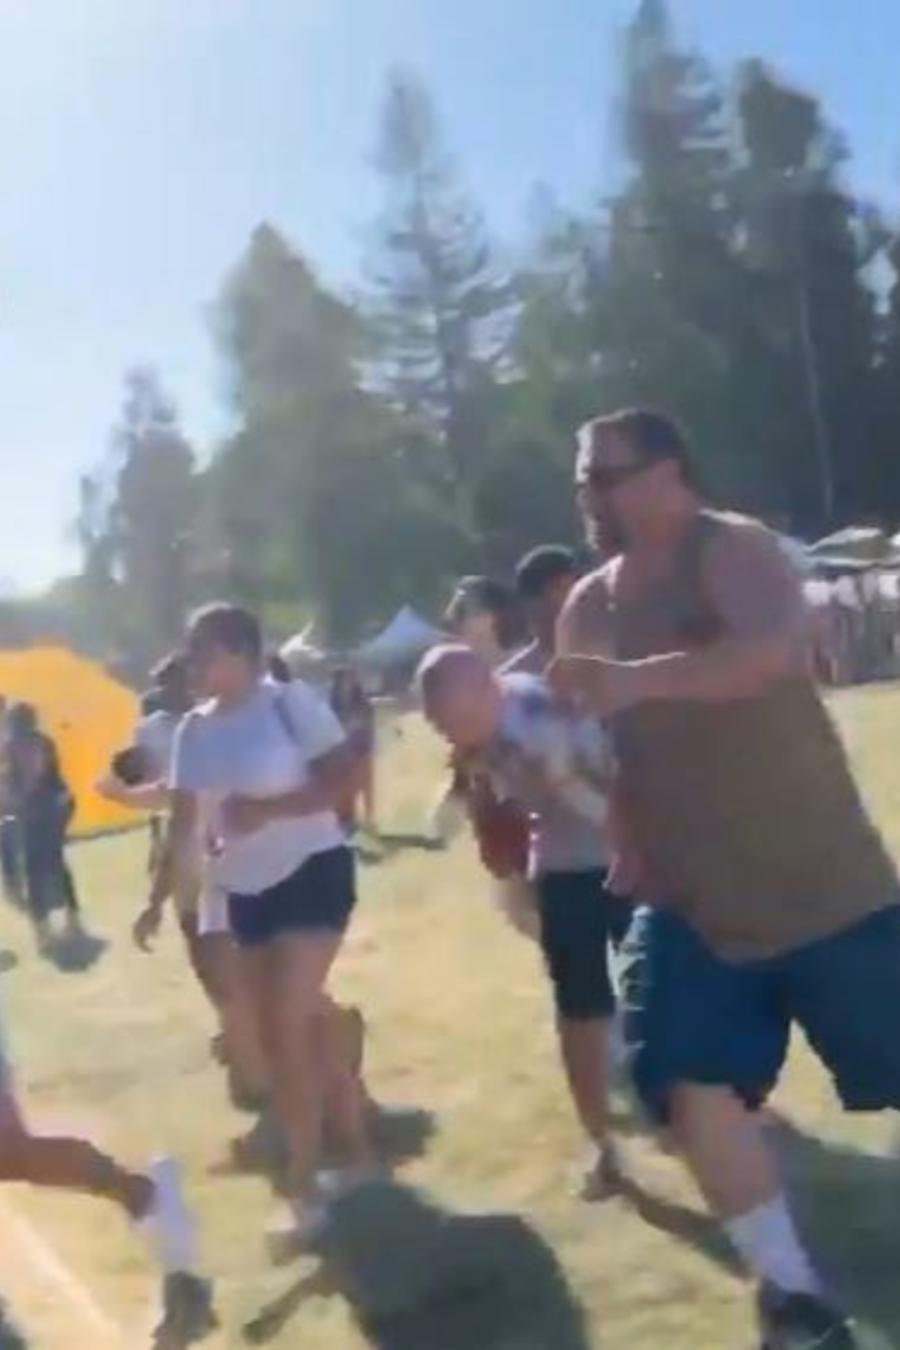 El público del Festival del Ajo de Gilroy, California, después de que se informara de un tirador activo este domingo.